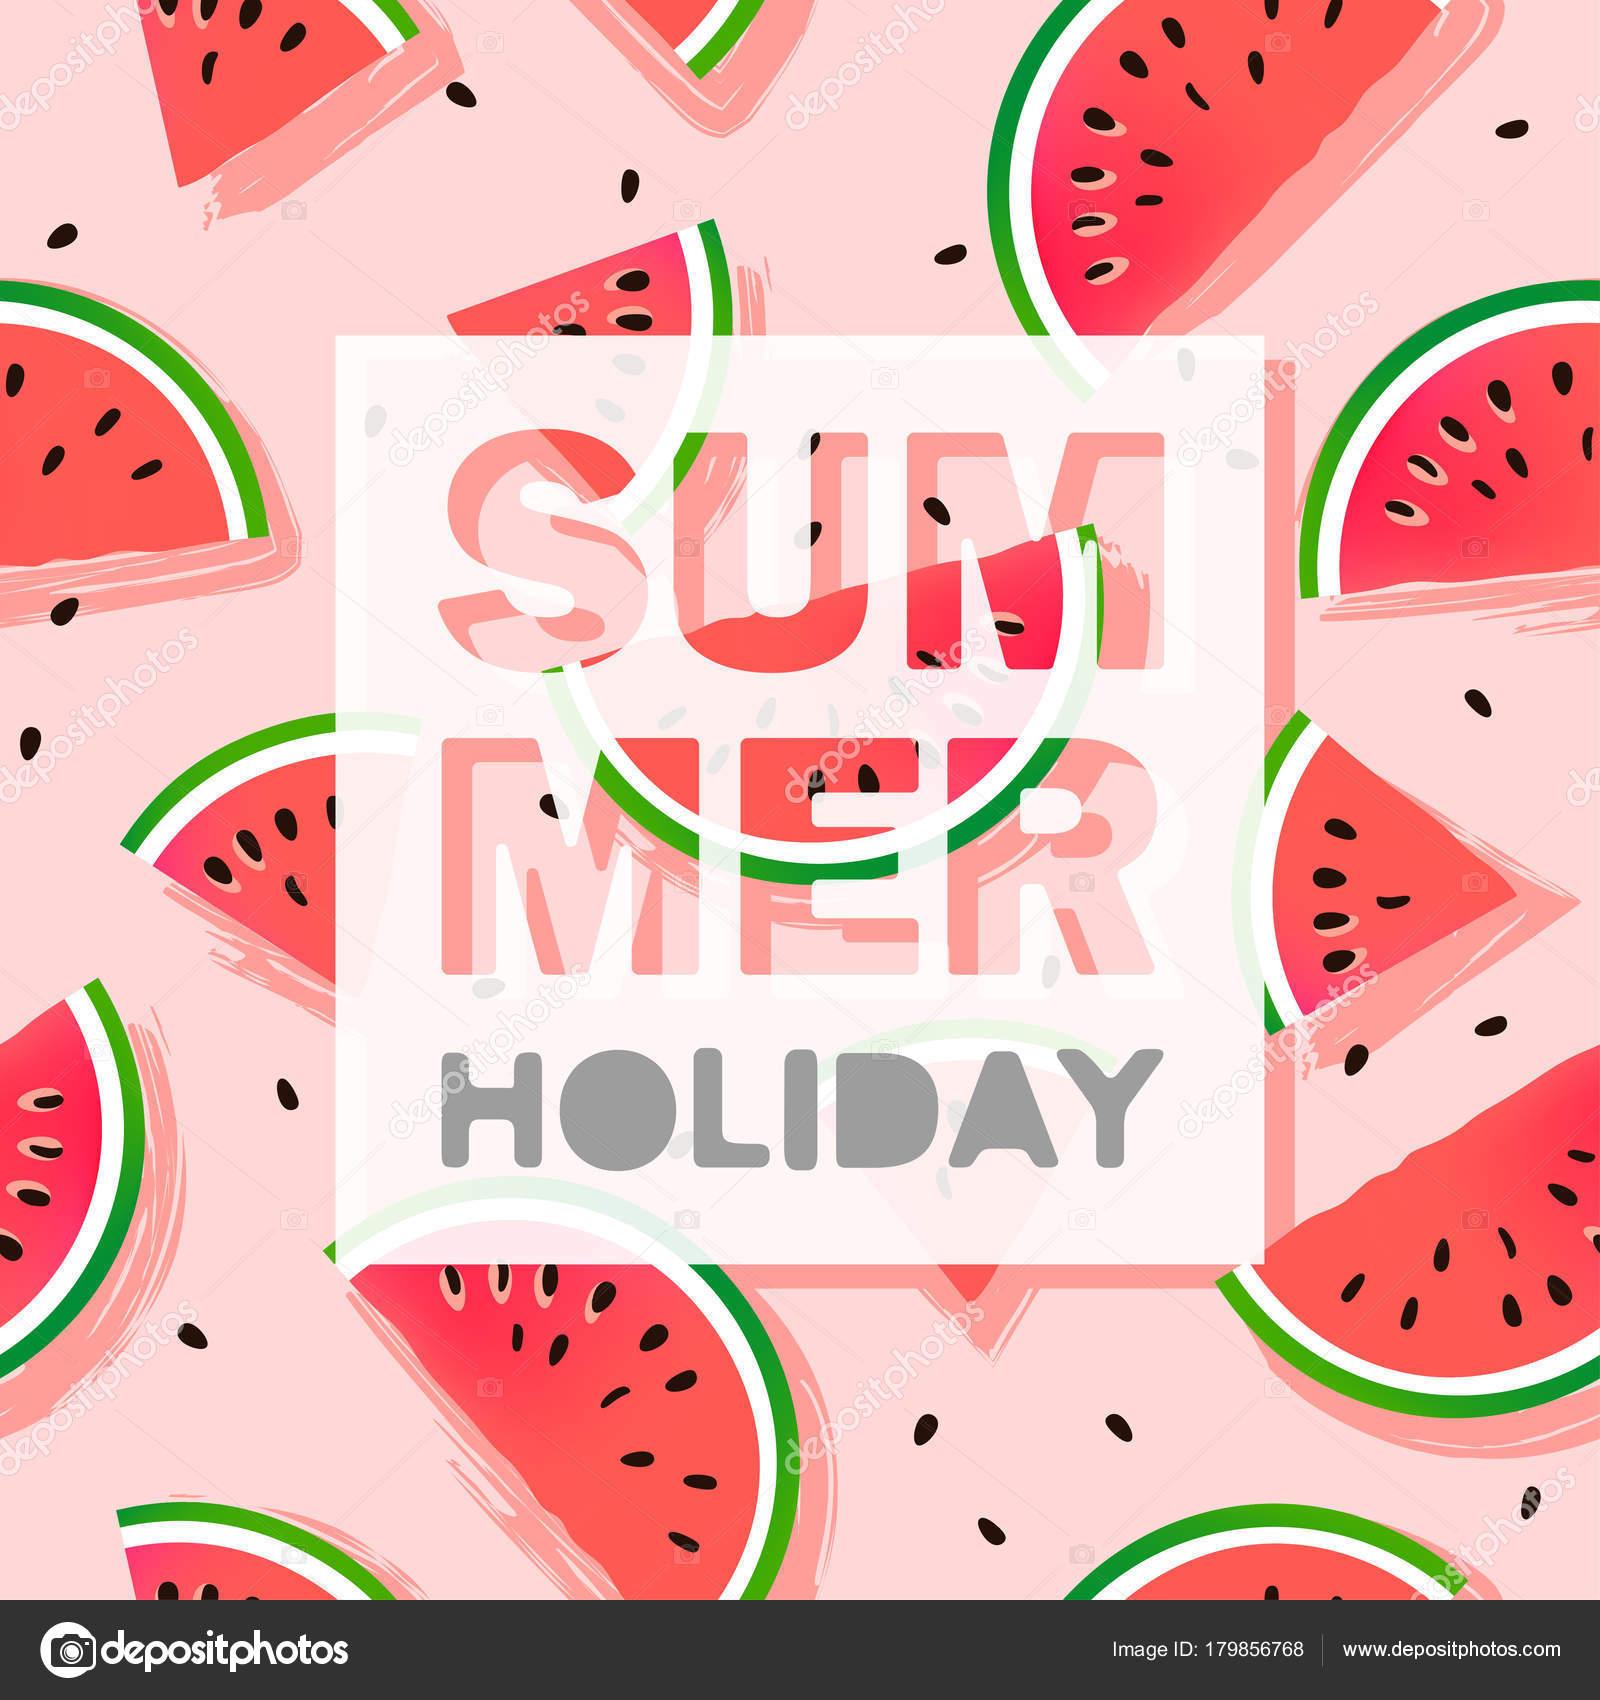 Sommer Urlaub Konzept Nahtlose Wassermelonen Muster Mit Text Vektor ...